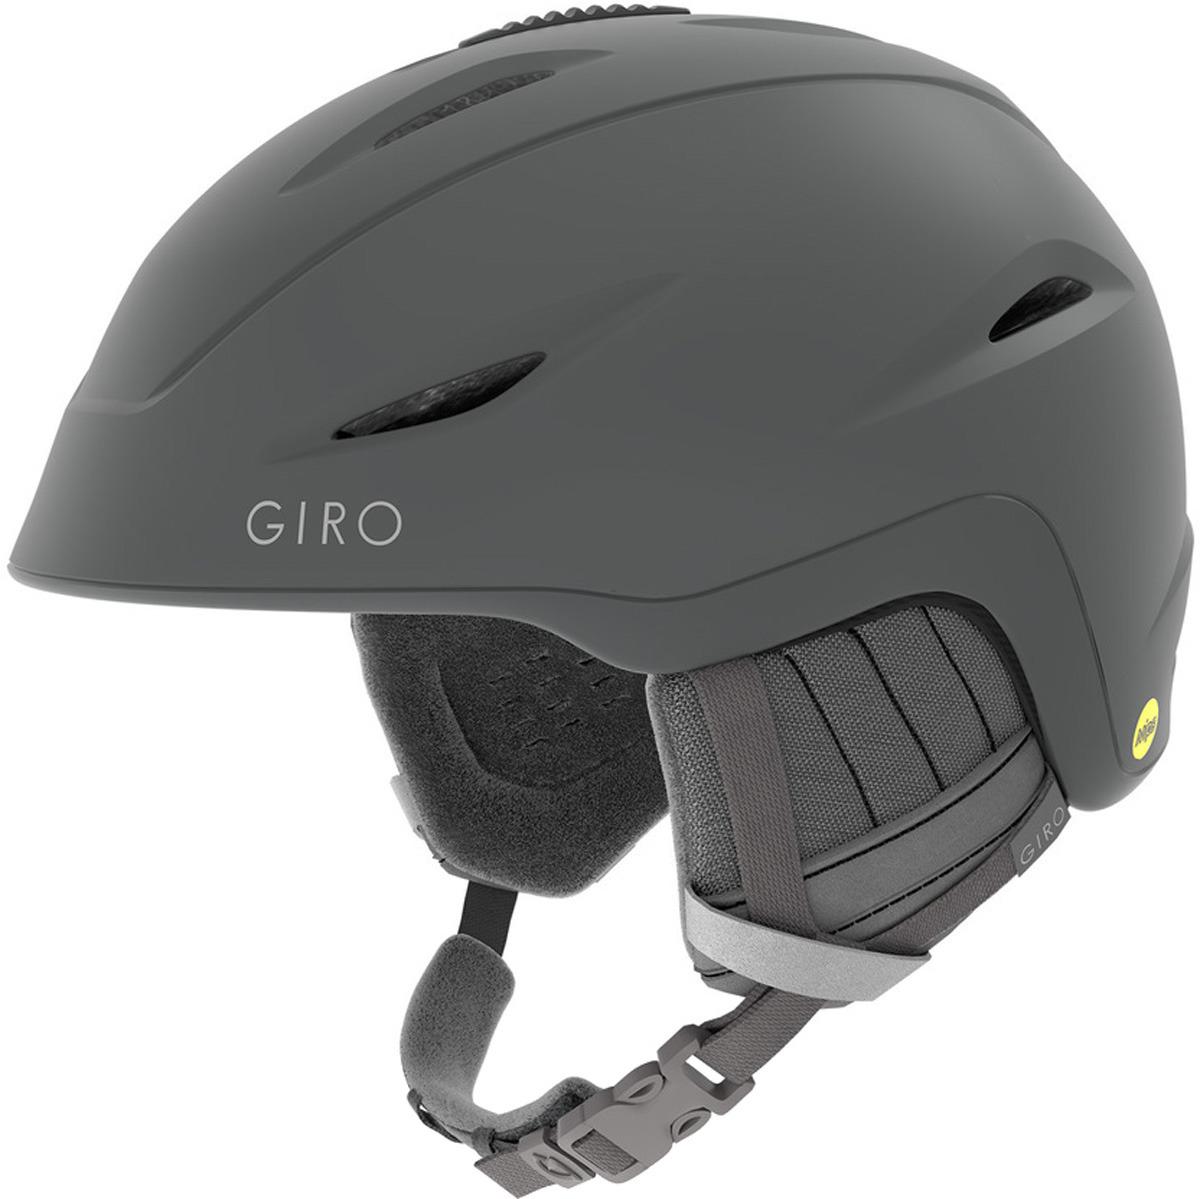 Шлем горнолыжный Giro Fade Mips женский, 7093940, серый, размер M (55-59) горнолыжный шлем giro giro era женский серый m 55 5 59cm